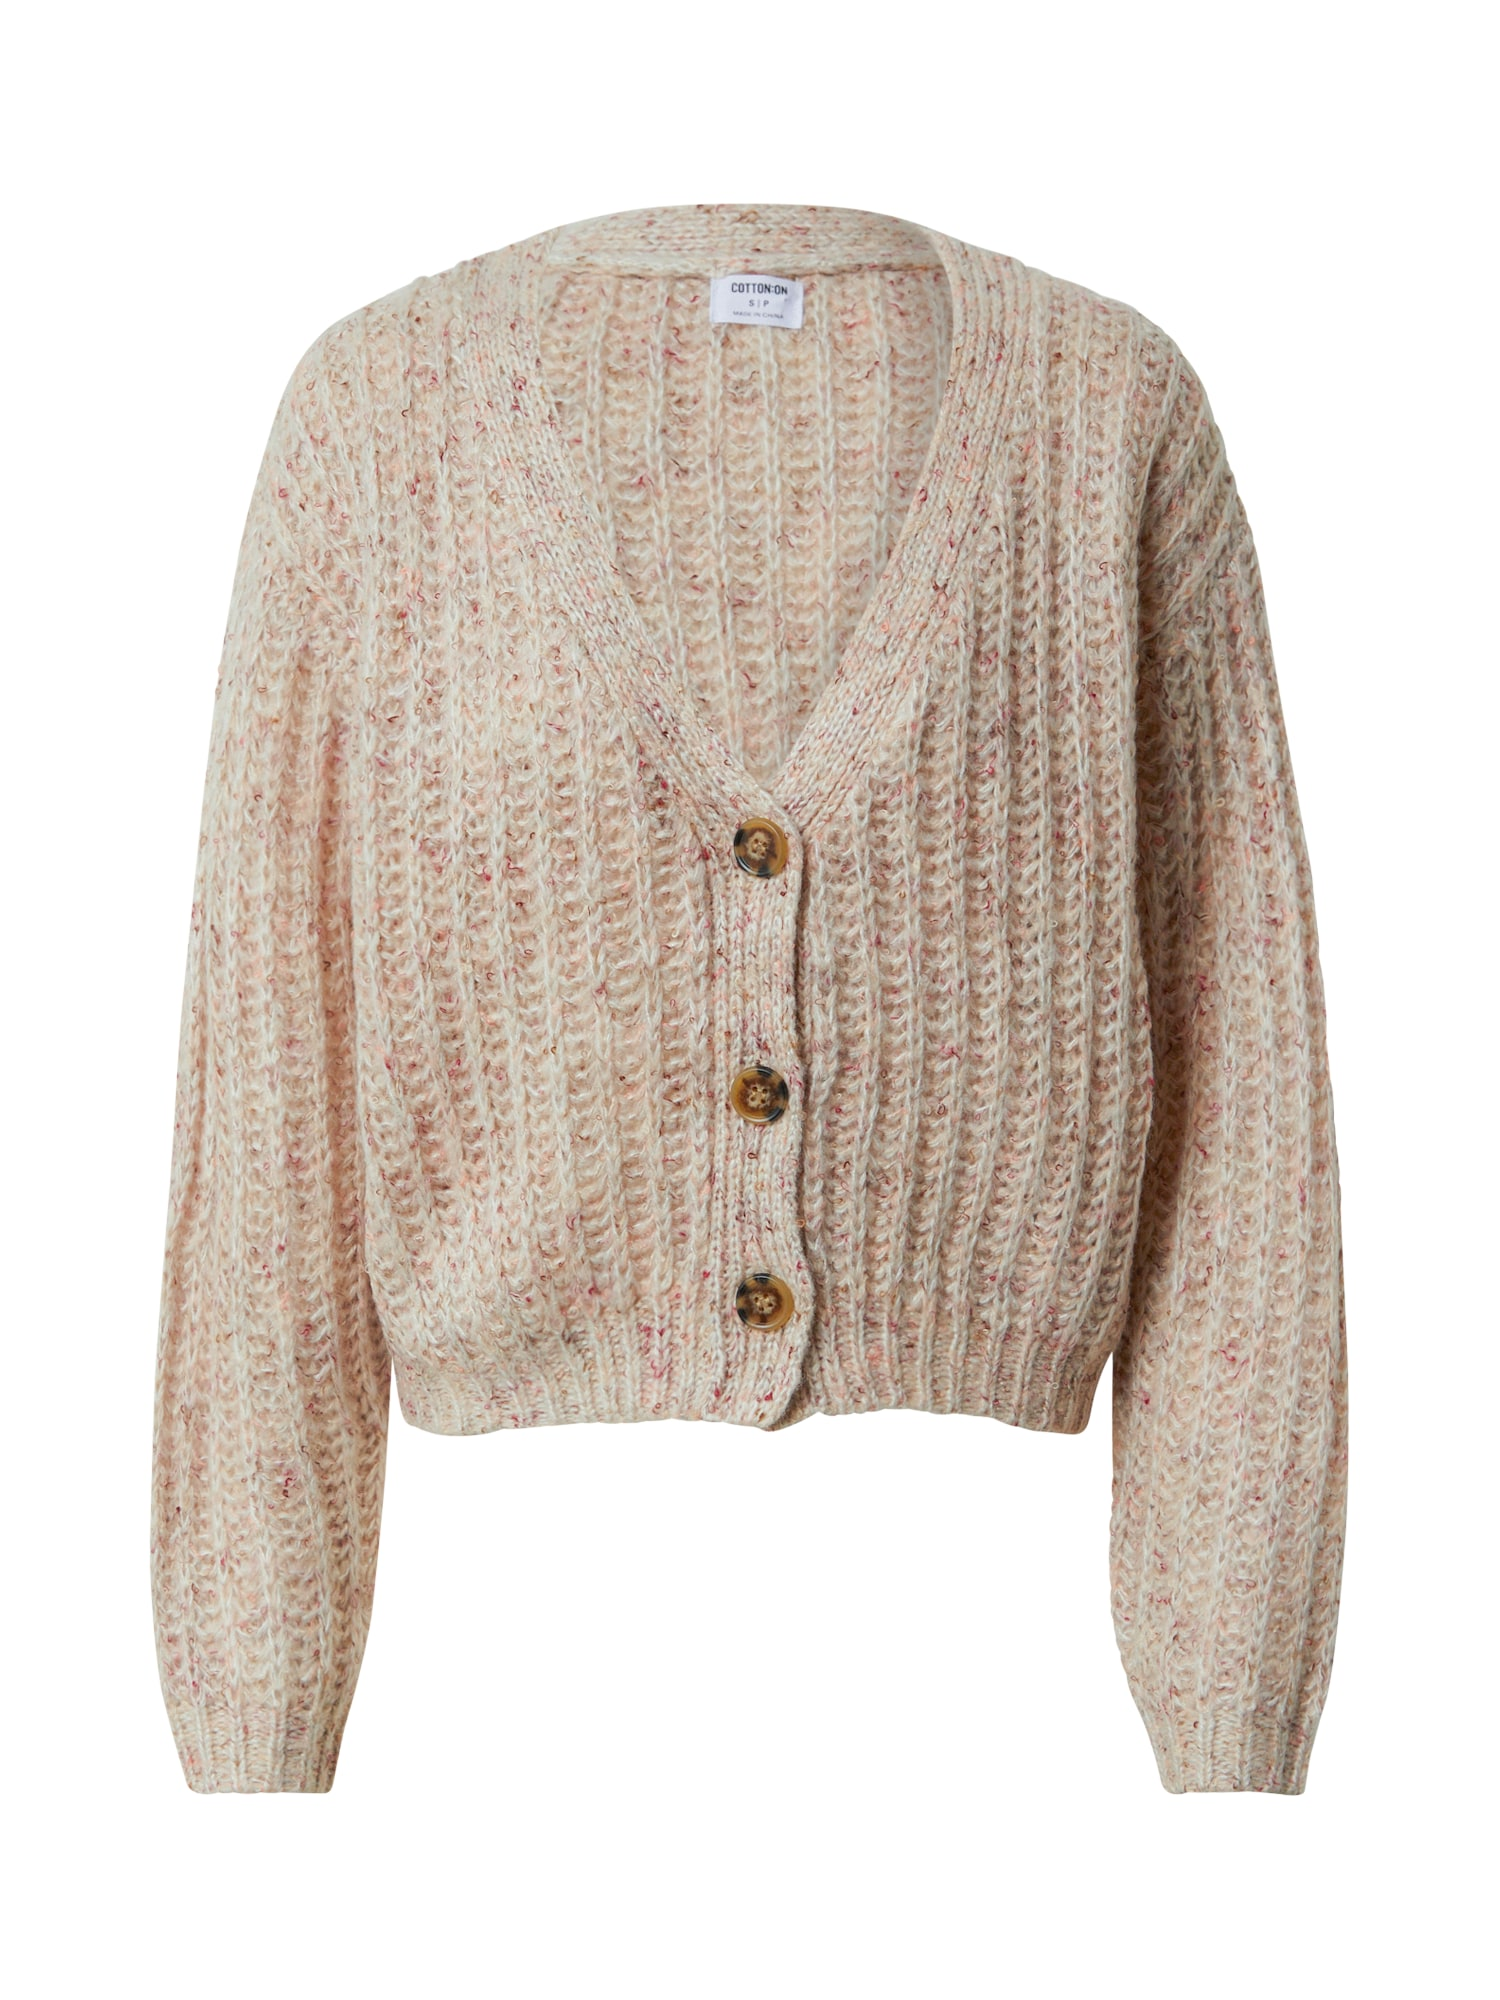 Cotton On Kardiganas gelsvai pilka spalva / ryškiai rožinė spalva / pastelinė raudona / balta